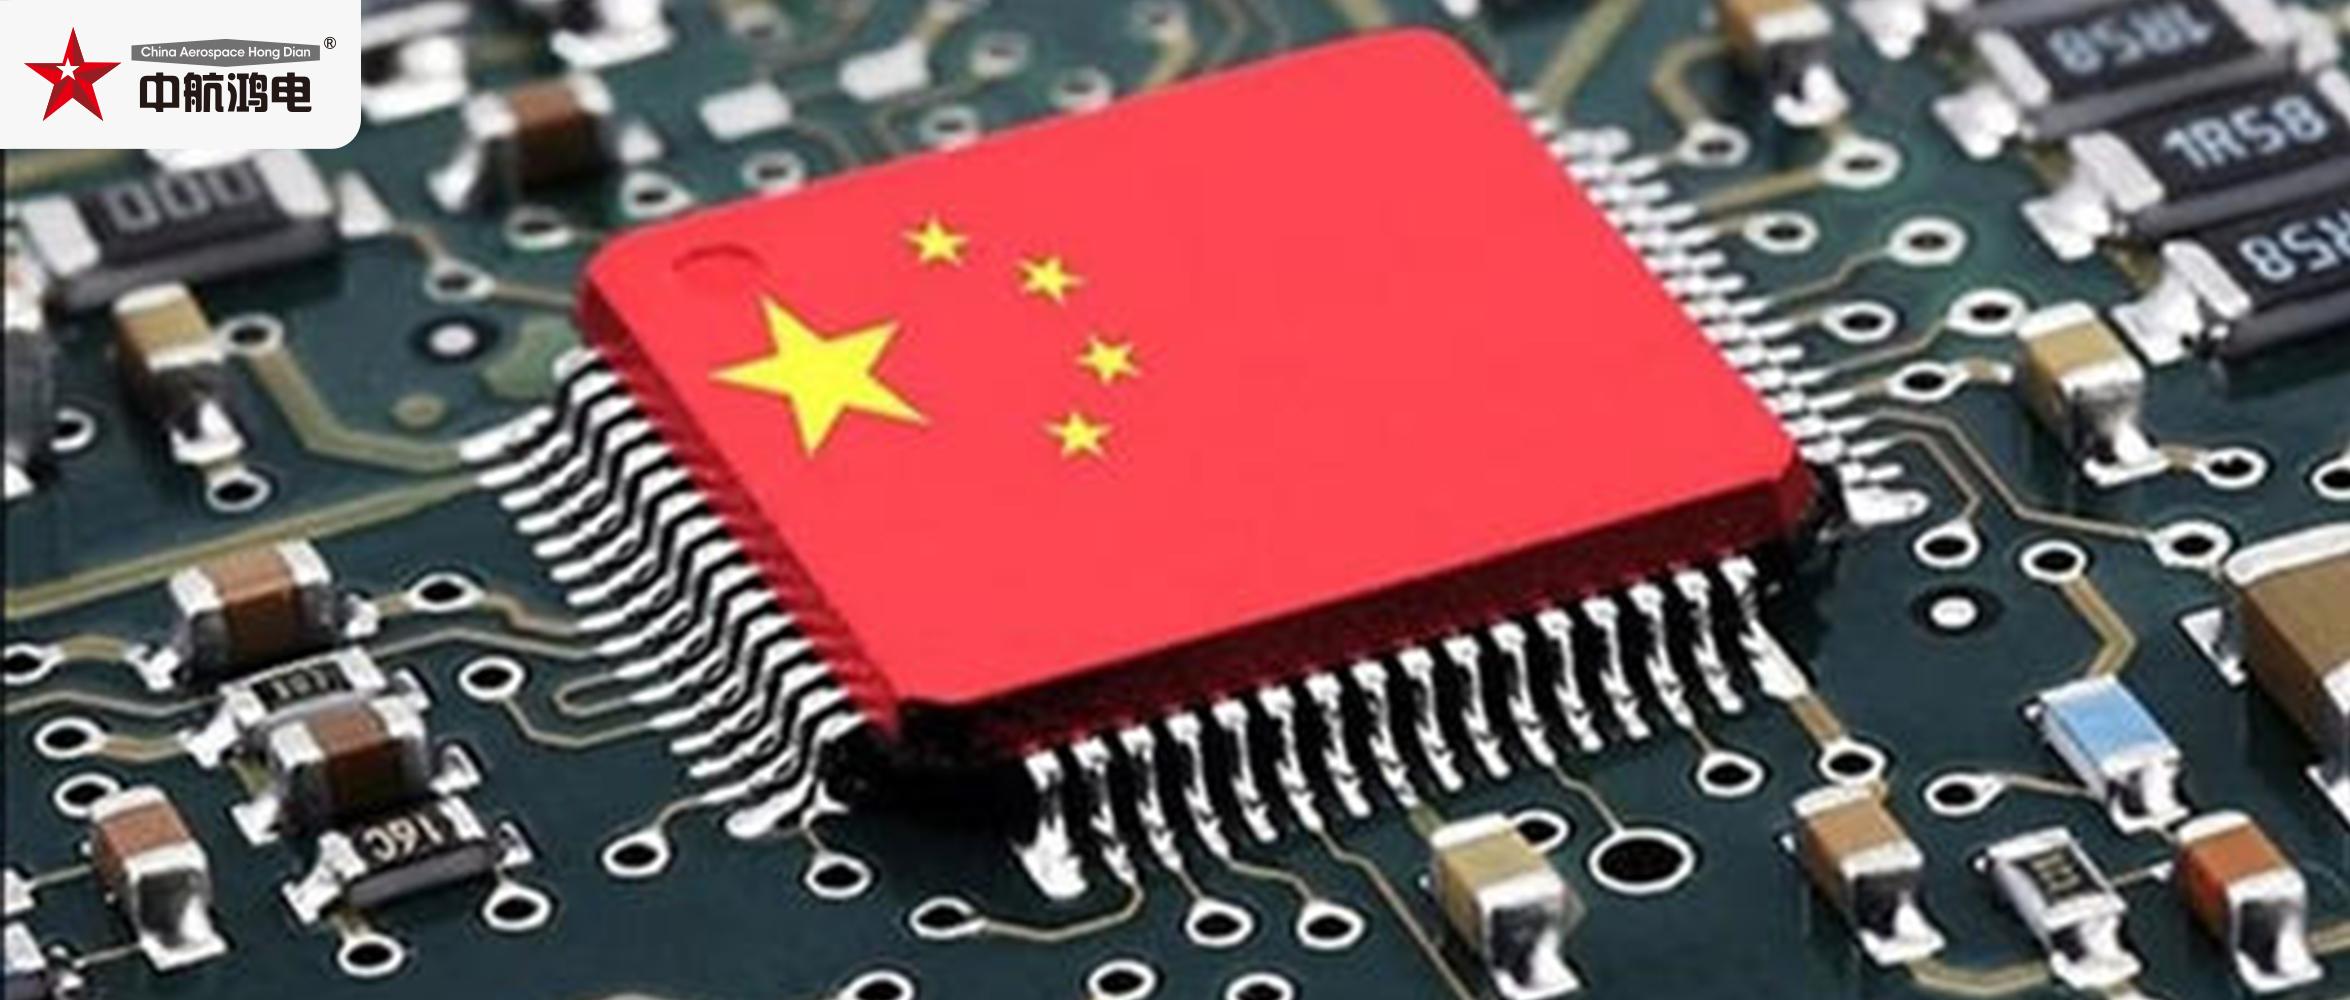 美媒:美对华科技战增强中国芯片业的决心